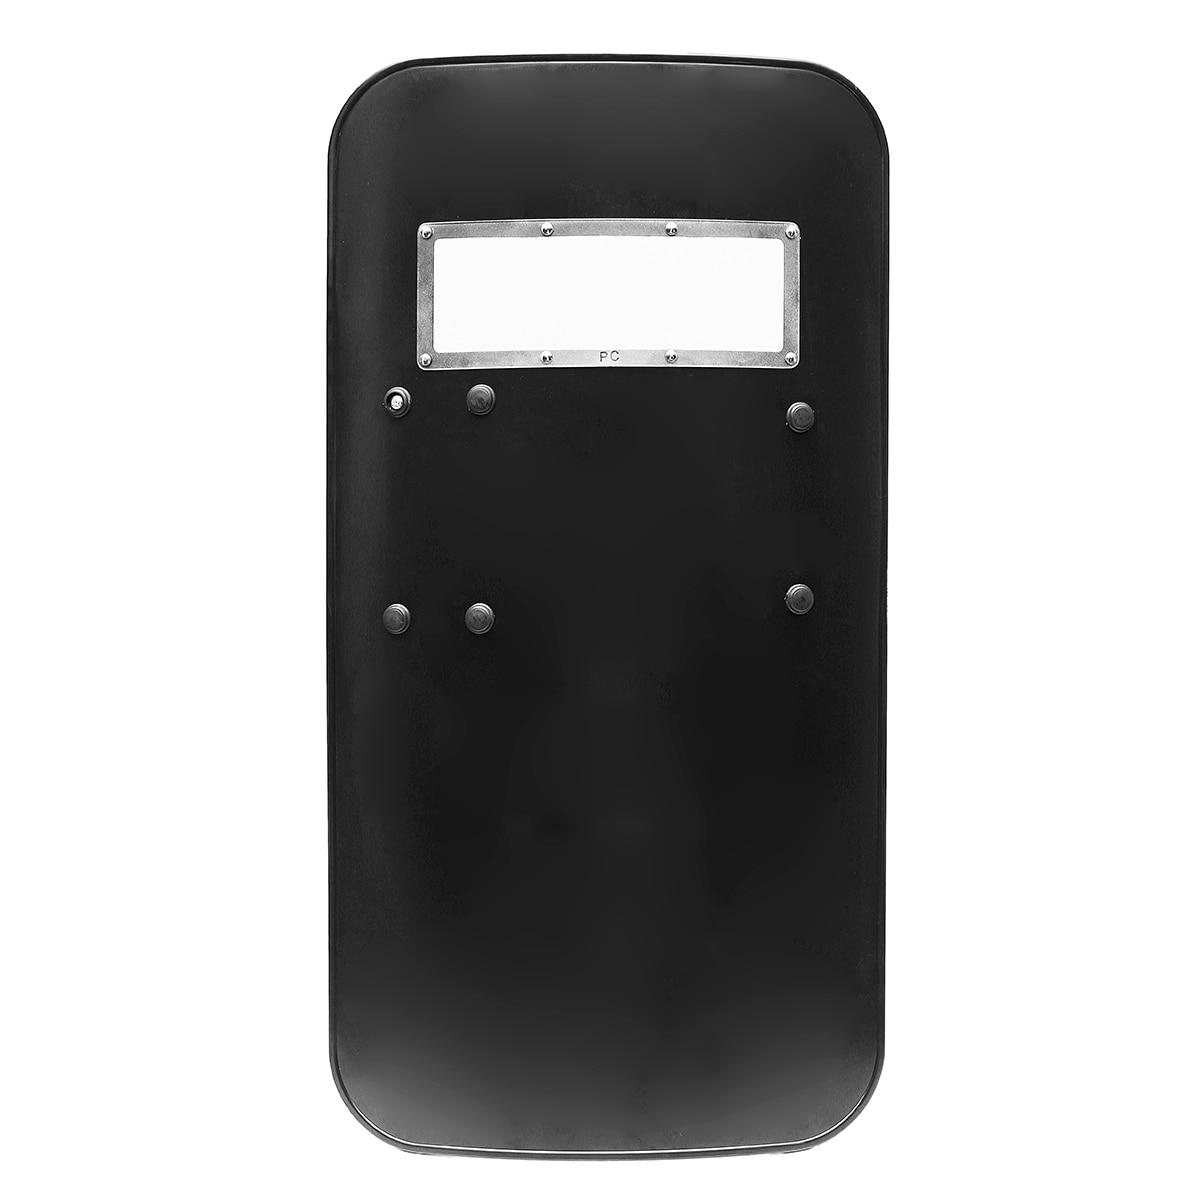 Черный ручной ПК Пластиковый тактический Анти-бунт щит Самозащита Защита Анти-бунт защитный инструмент для самозащиты защита